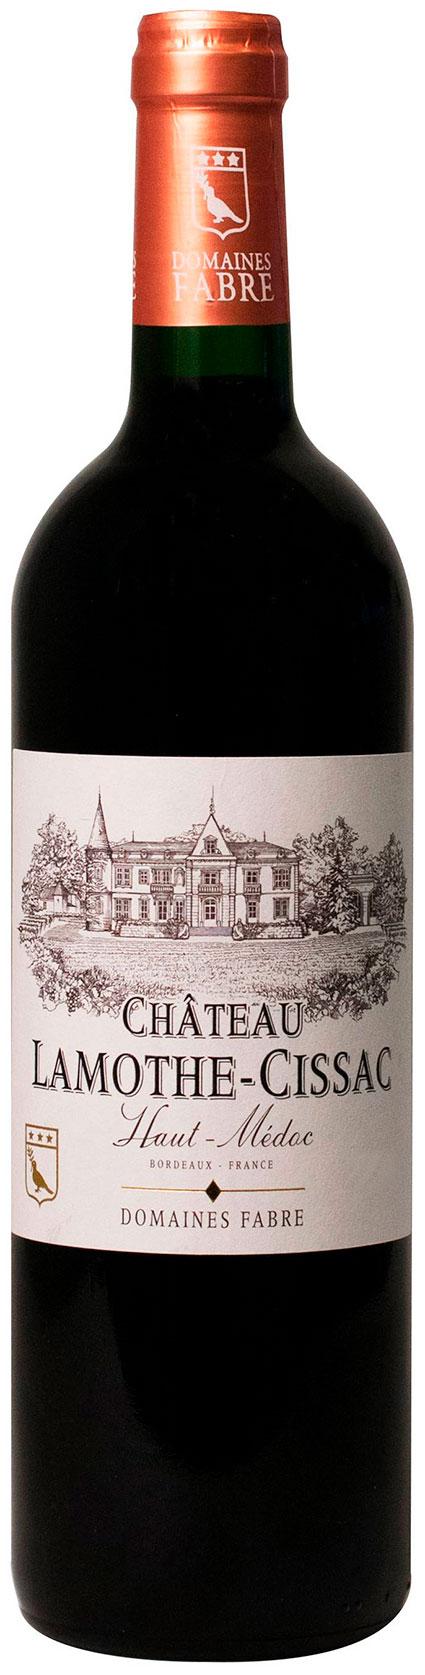 Chateau Lamothe-Cissac ( Domaines Fabre ) 2016